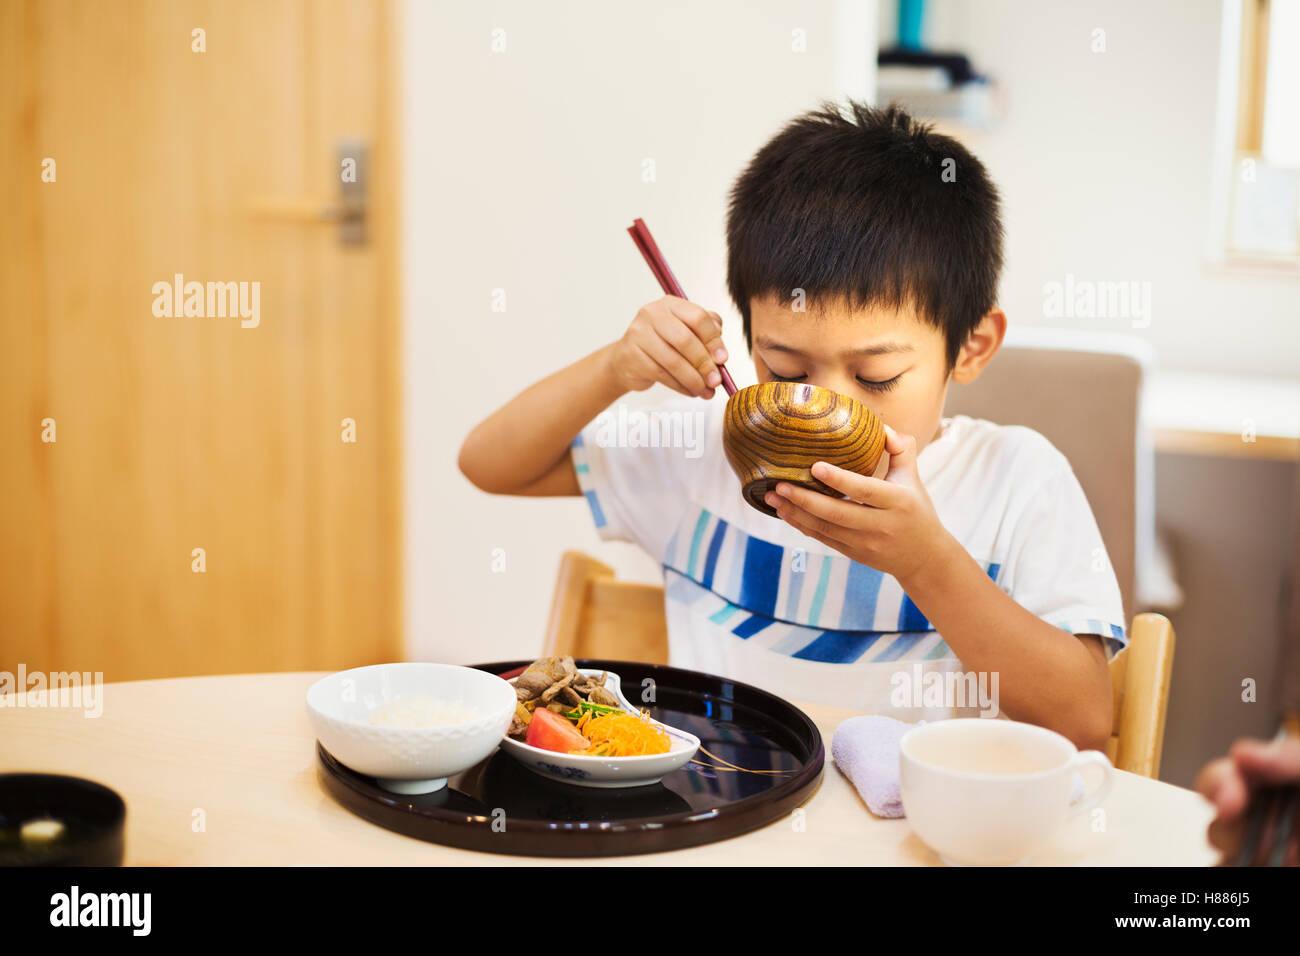 Casa de familia. Un muchacho de comer una comida. Imagen De Stock